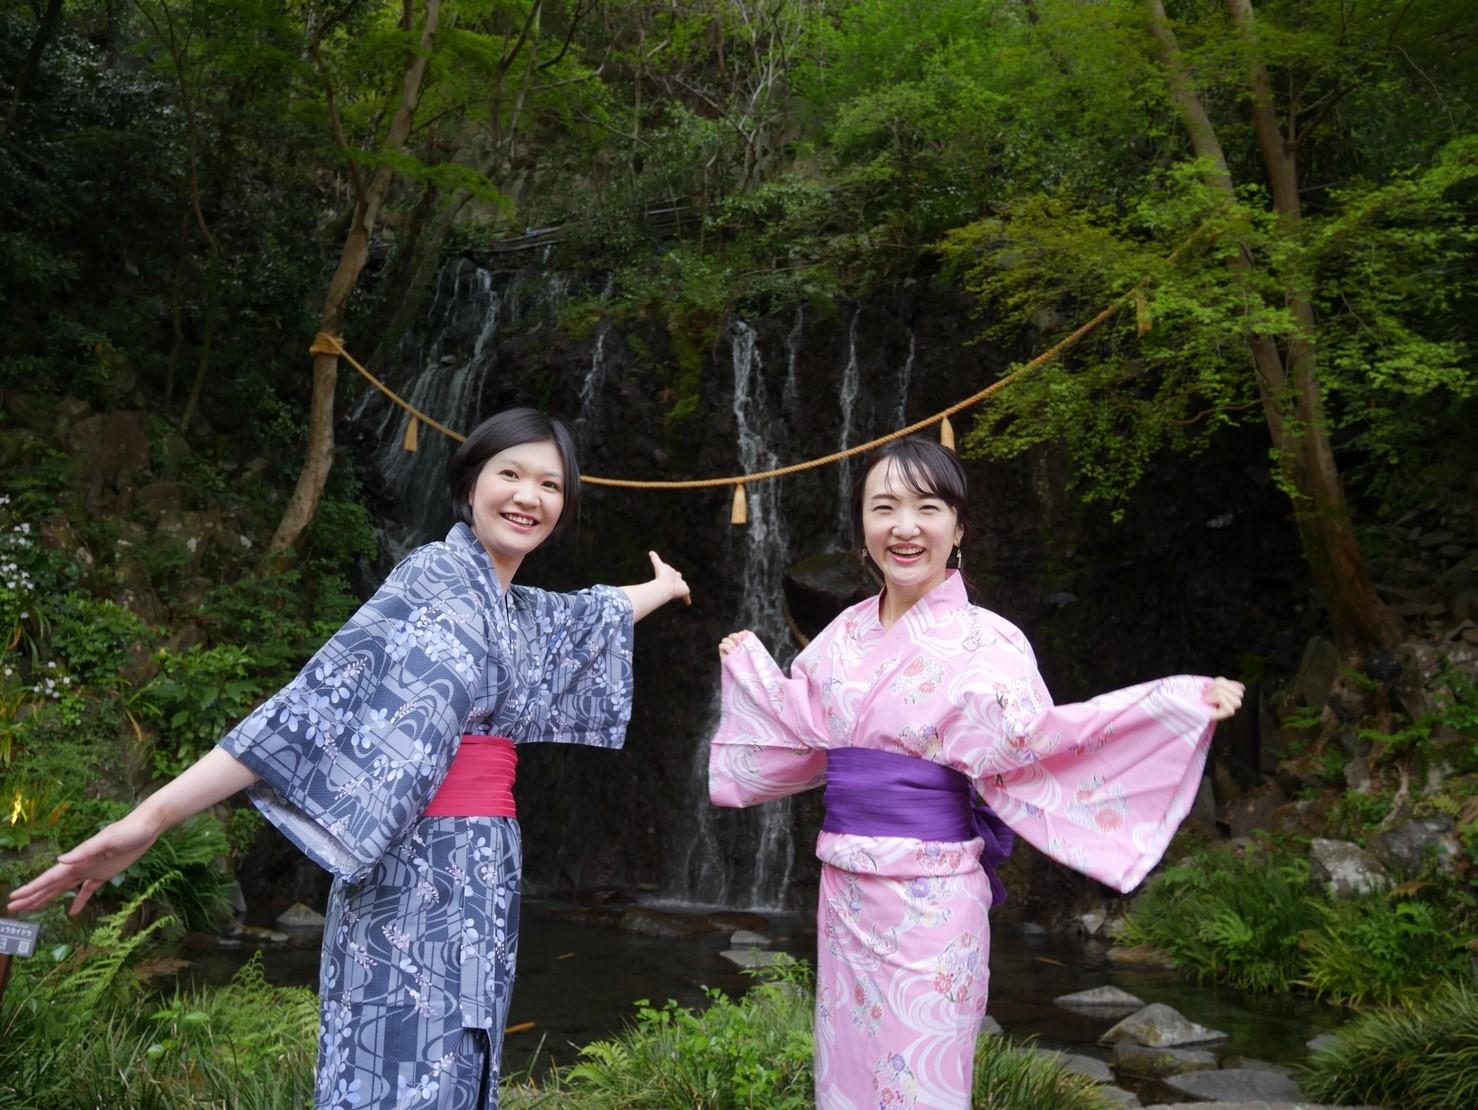 半休とって箱根湯本へ!日帰りでも宿泊でもおすすめの『天成園』